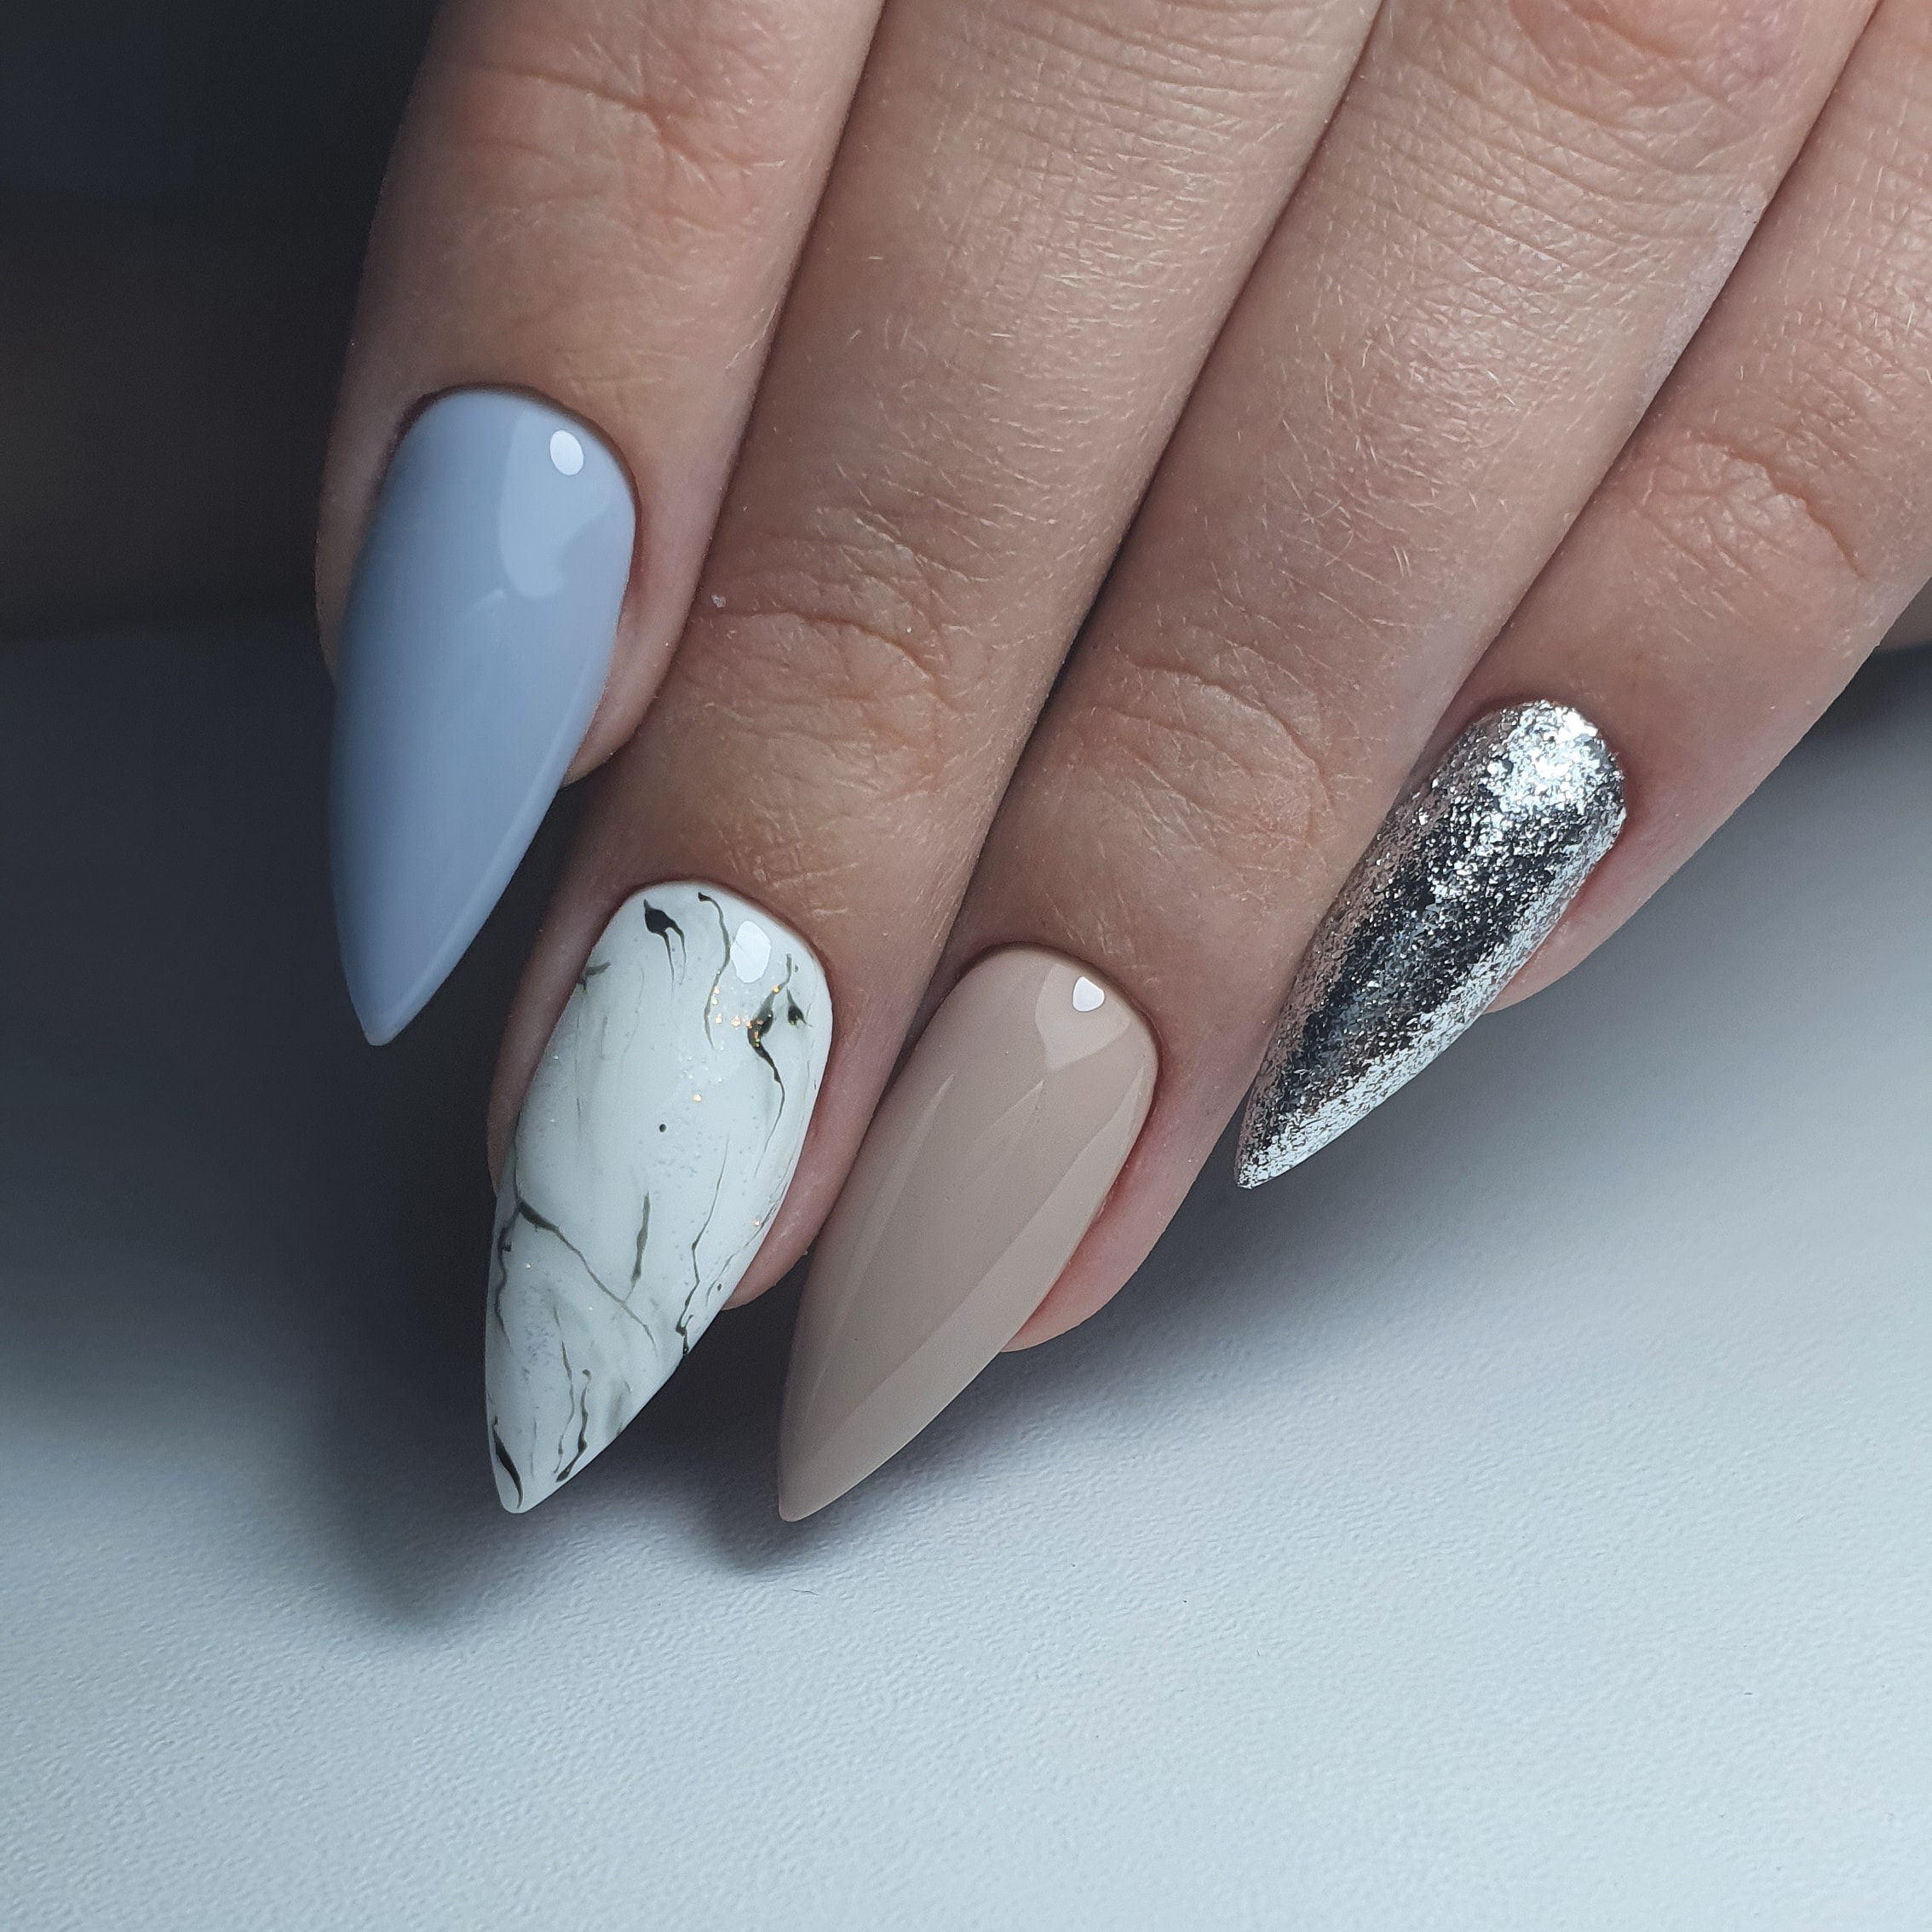 Маникюр с мраморным дизайном и серебряными блестками в пастельных тонах на длинные ногти.